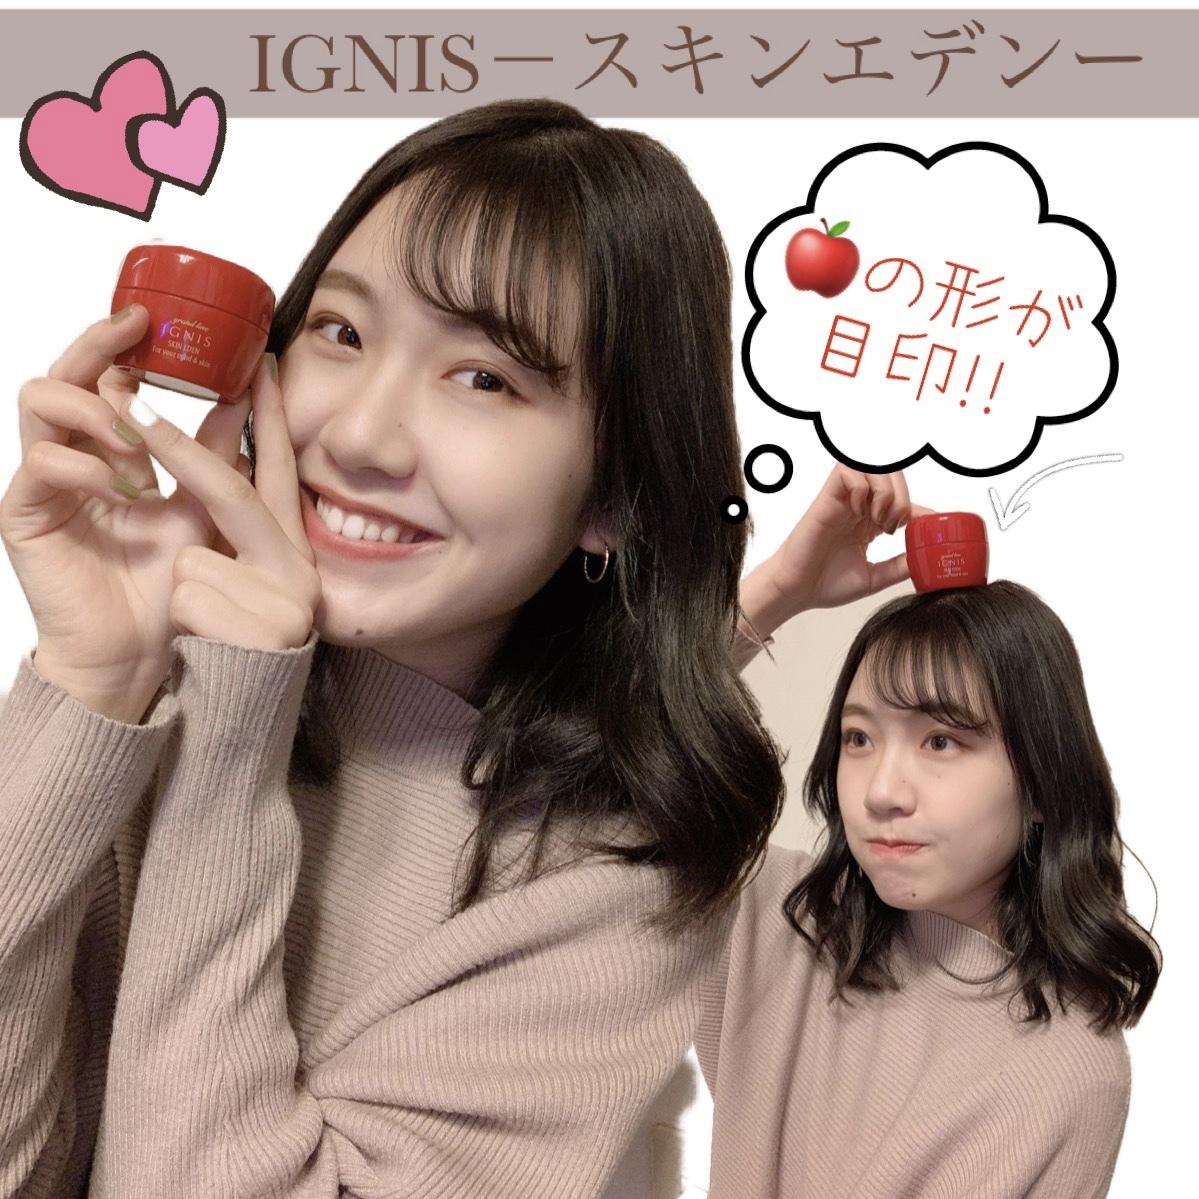 【IGNIS】りんごのパッケージが目印!_1_1